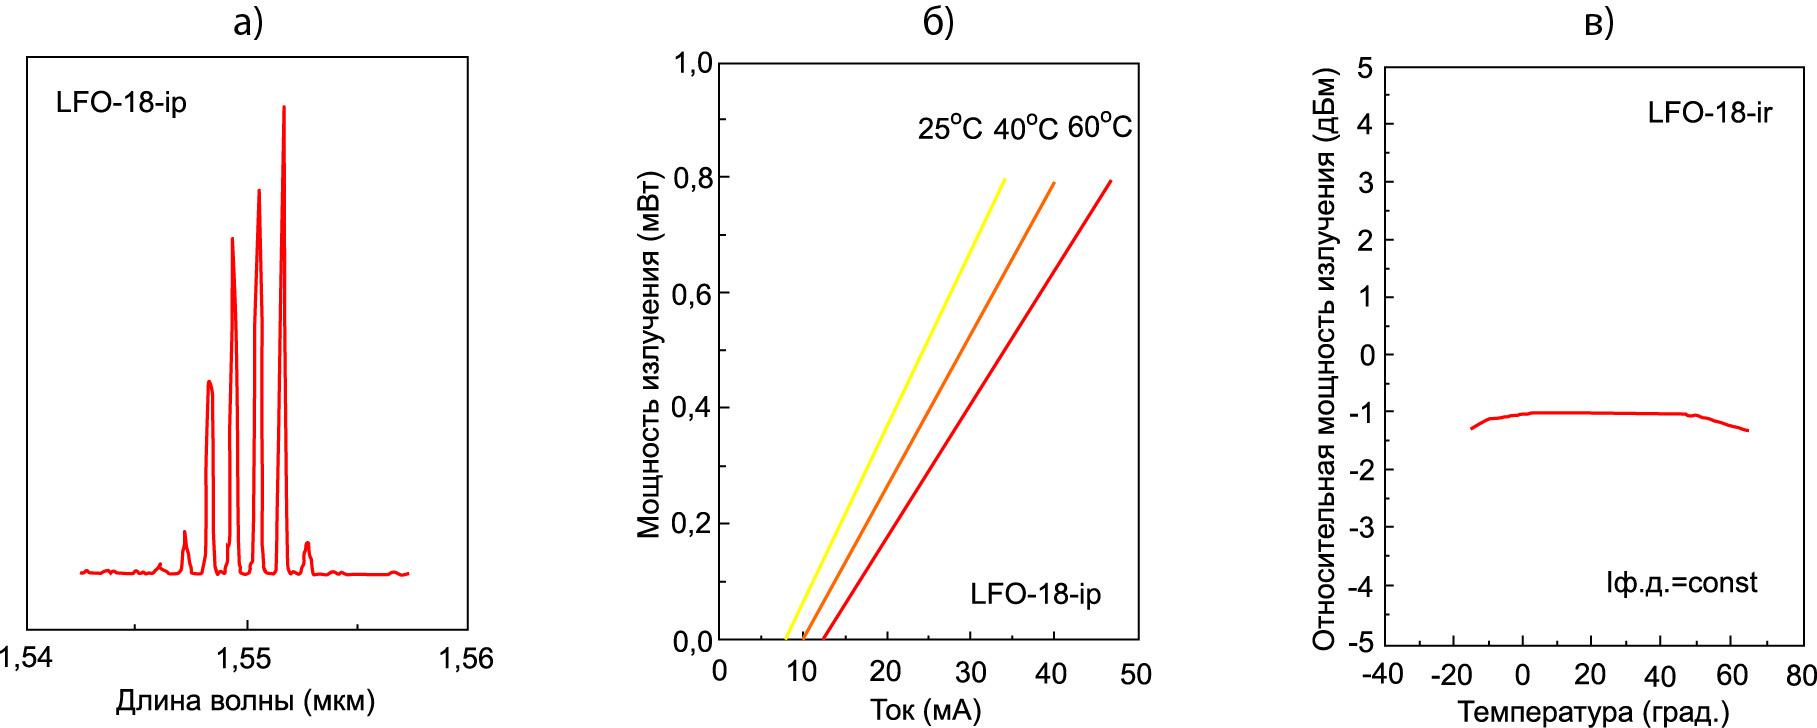 Основные характеристики лазерного модуля LFO-18-ip